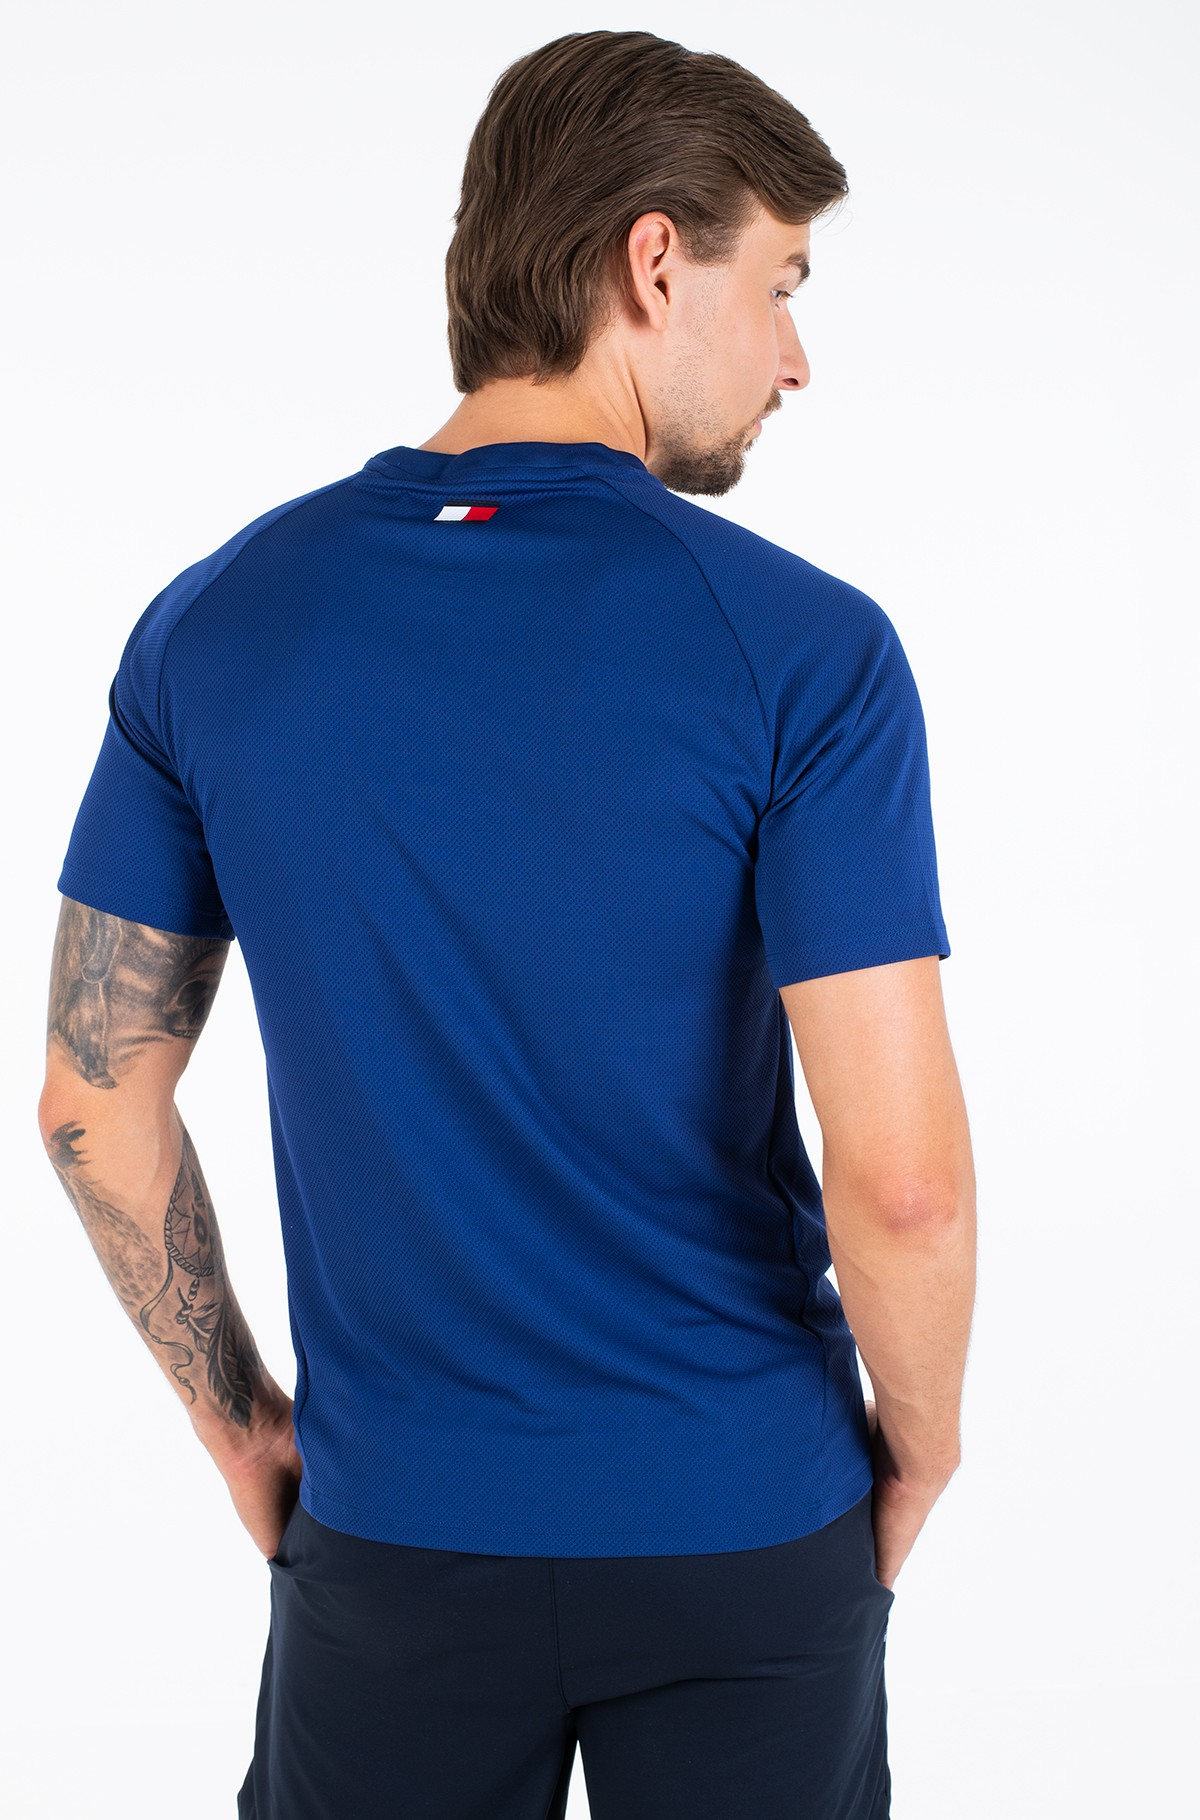 Sportiniai marškinėliai TRAINING TOP MESH BACK LOGO-full-3